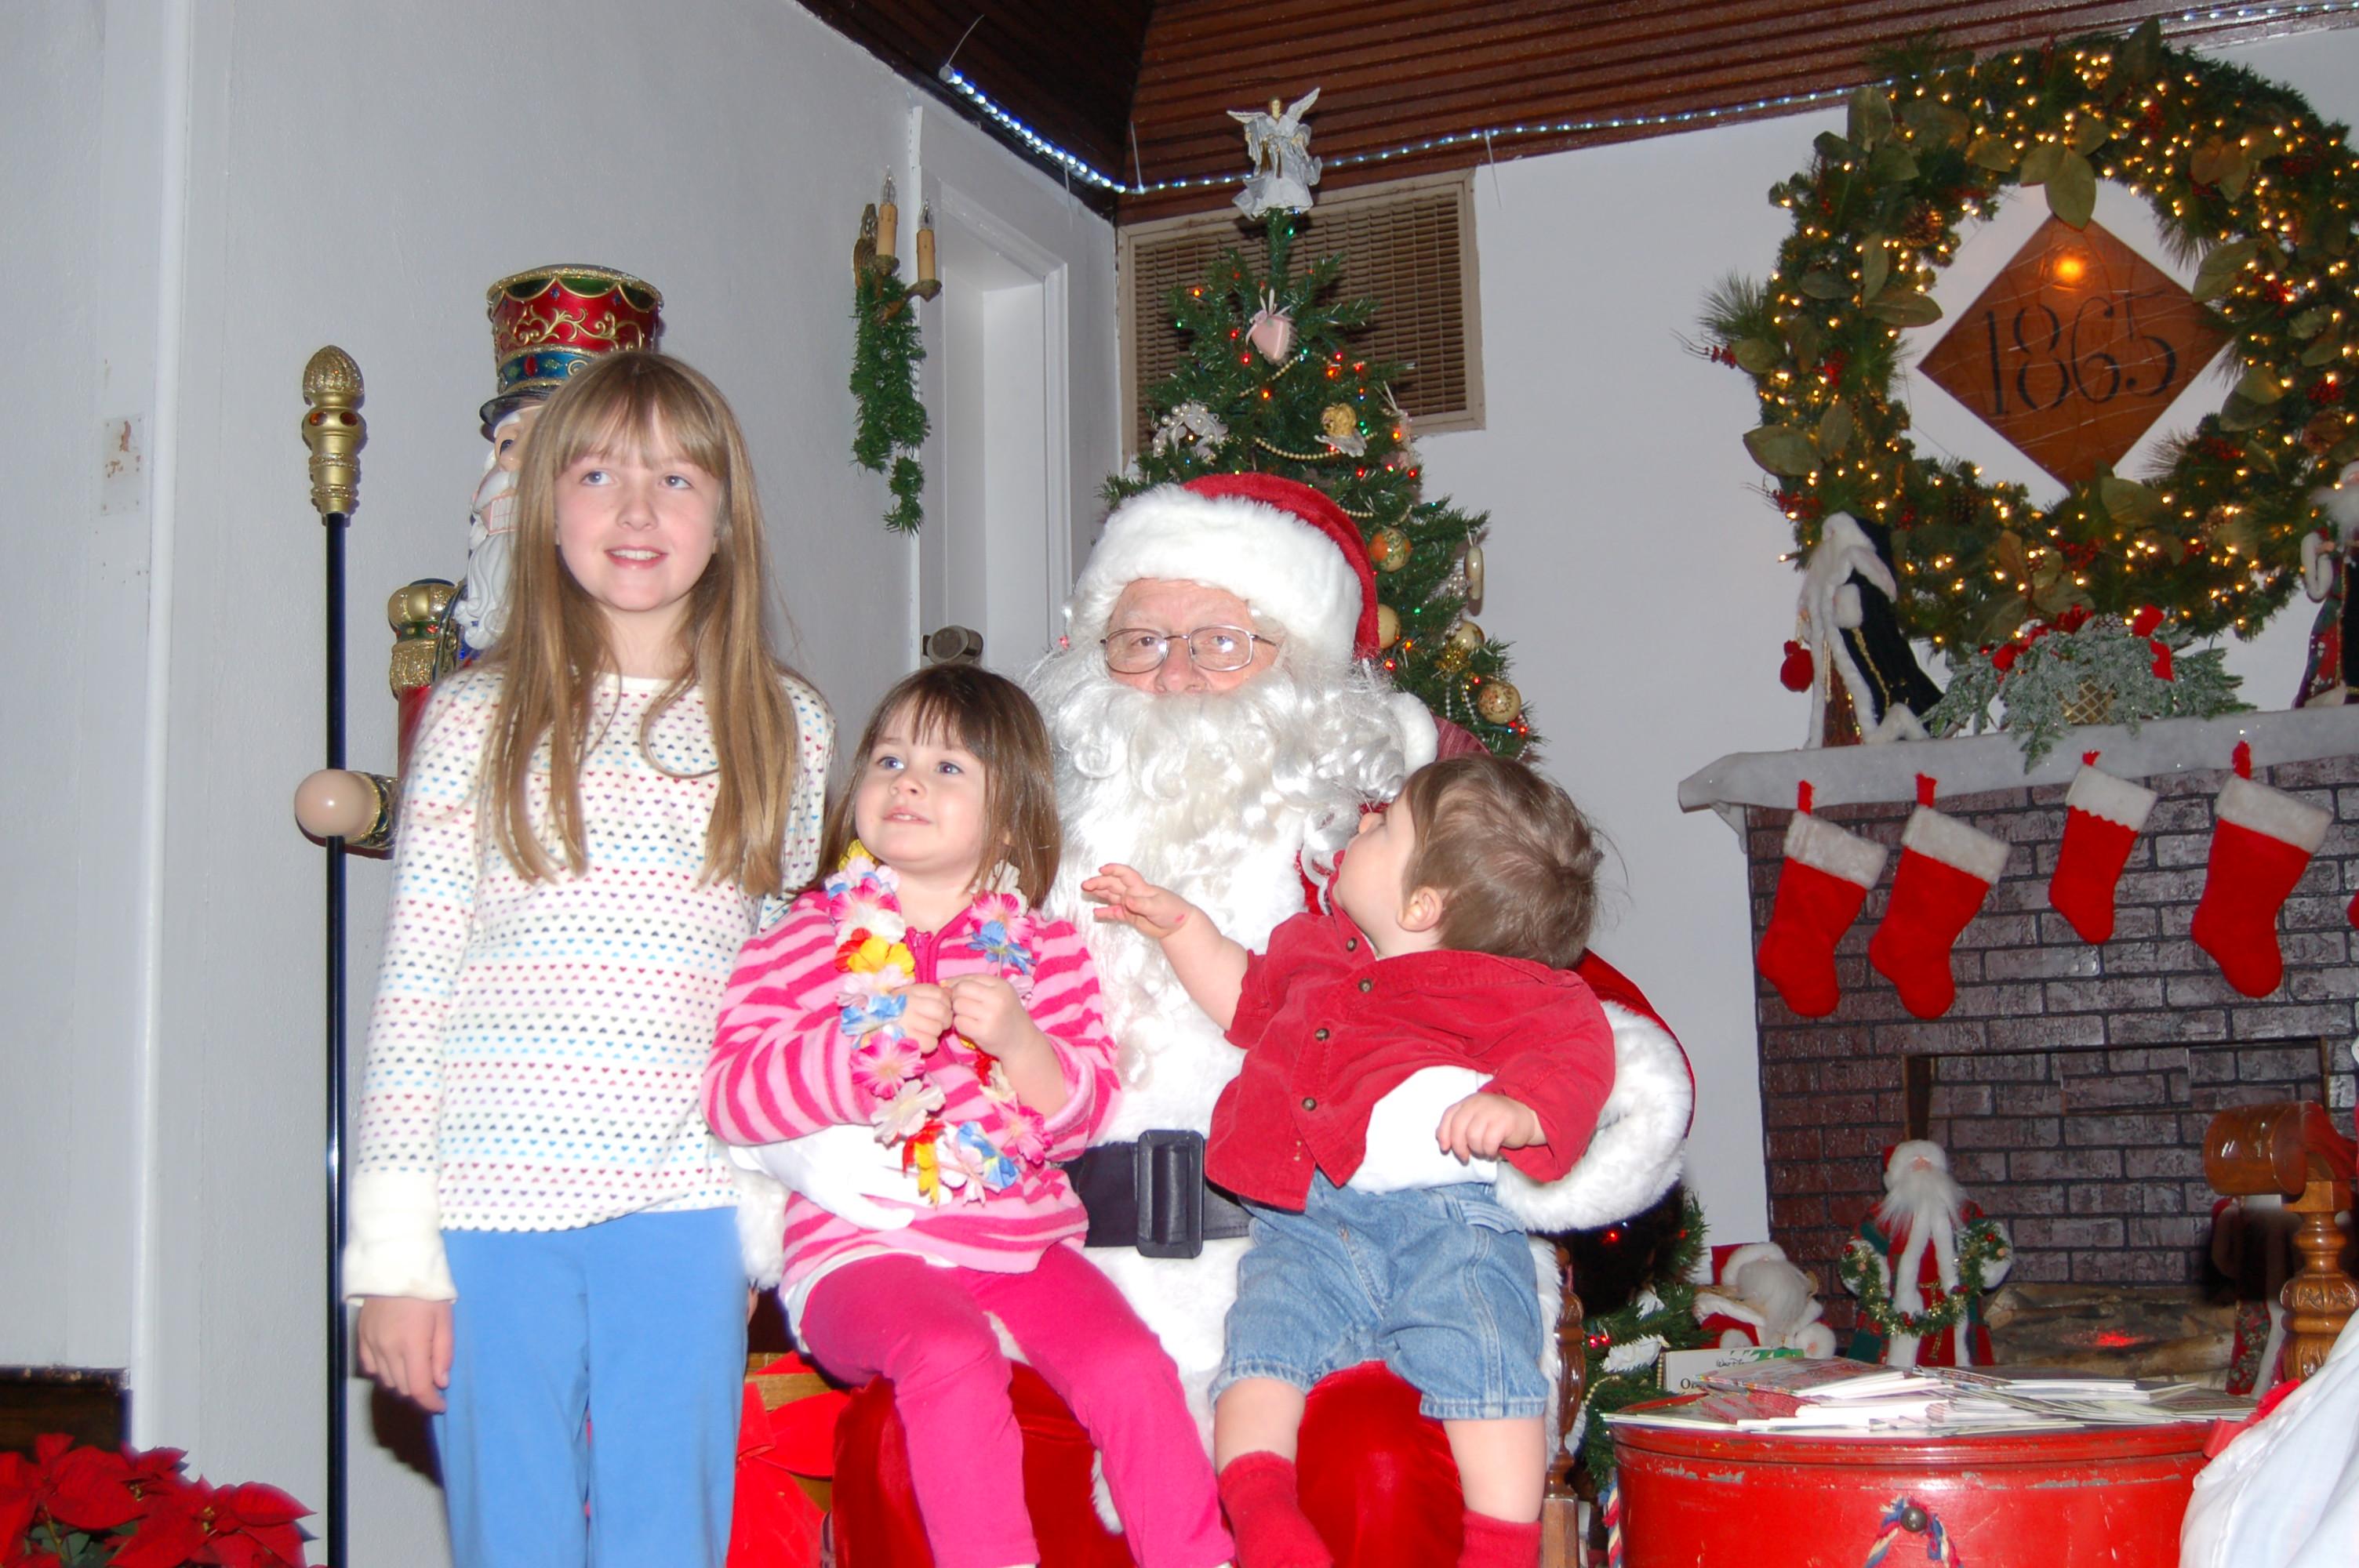 LolliPop+Lane+12-13-2008+Picture+024.jpg